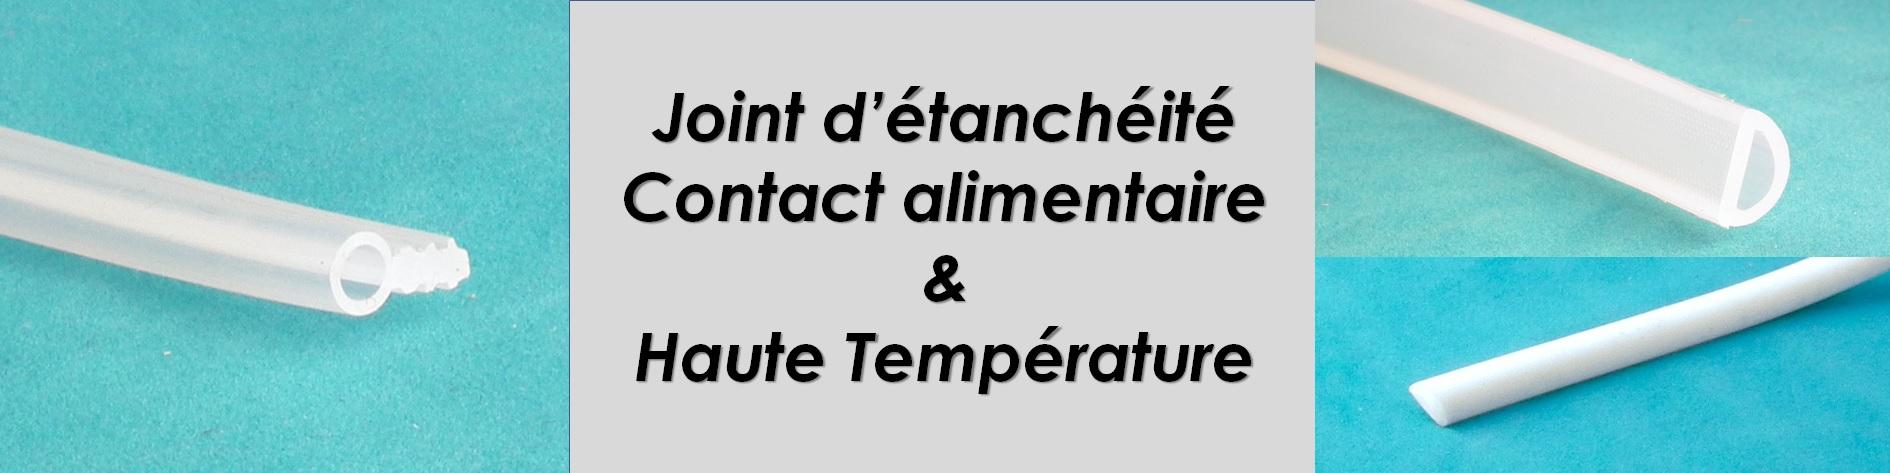 Profilés forme e, étanchéité de four, étuve, porte isotherme jusqu'à 200°C